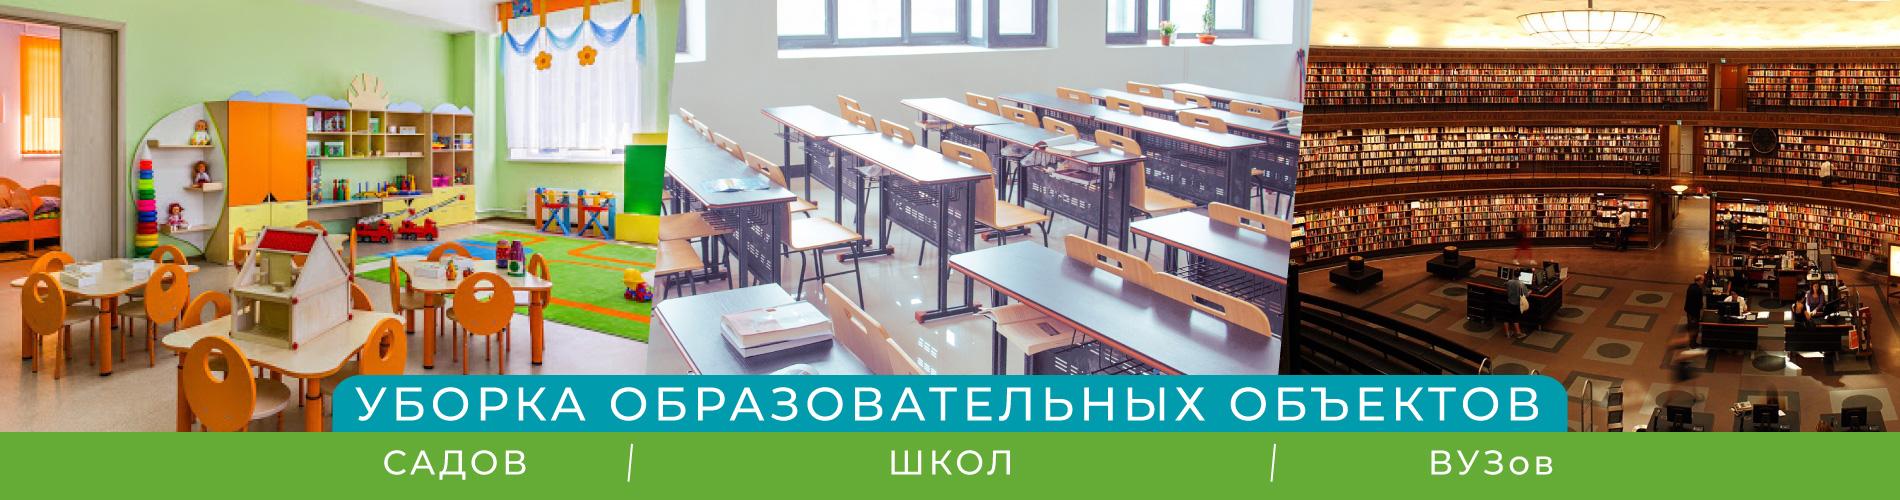 Клининг образовательных учреждений